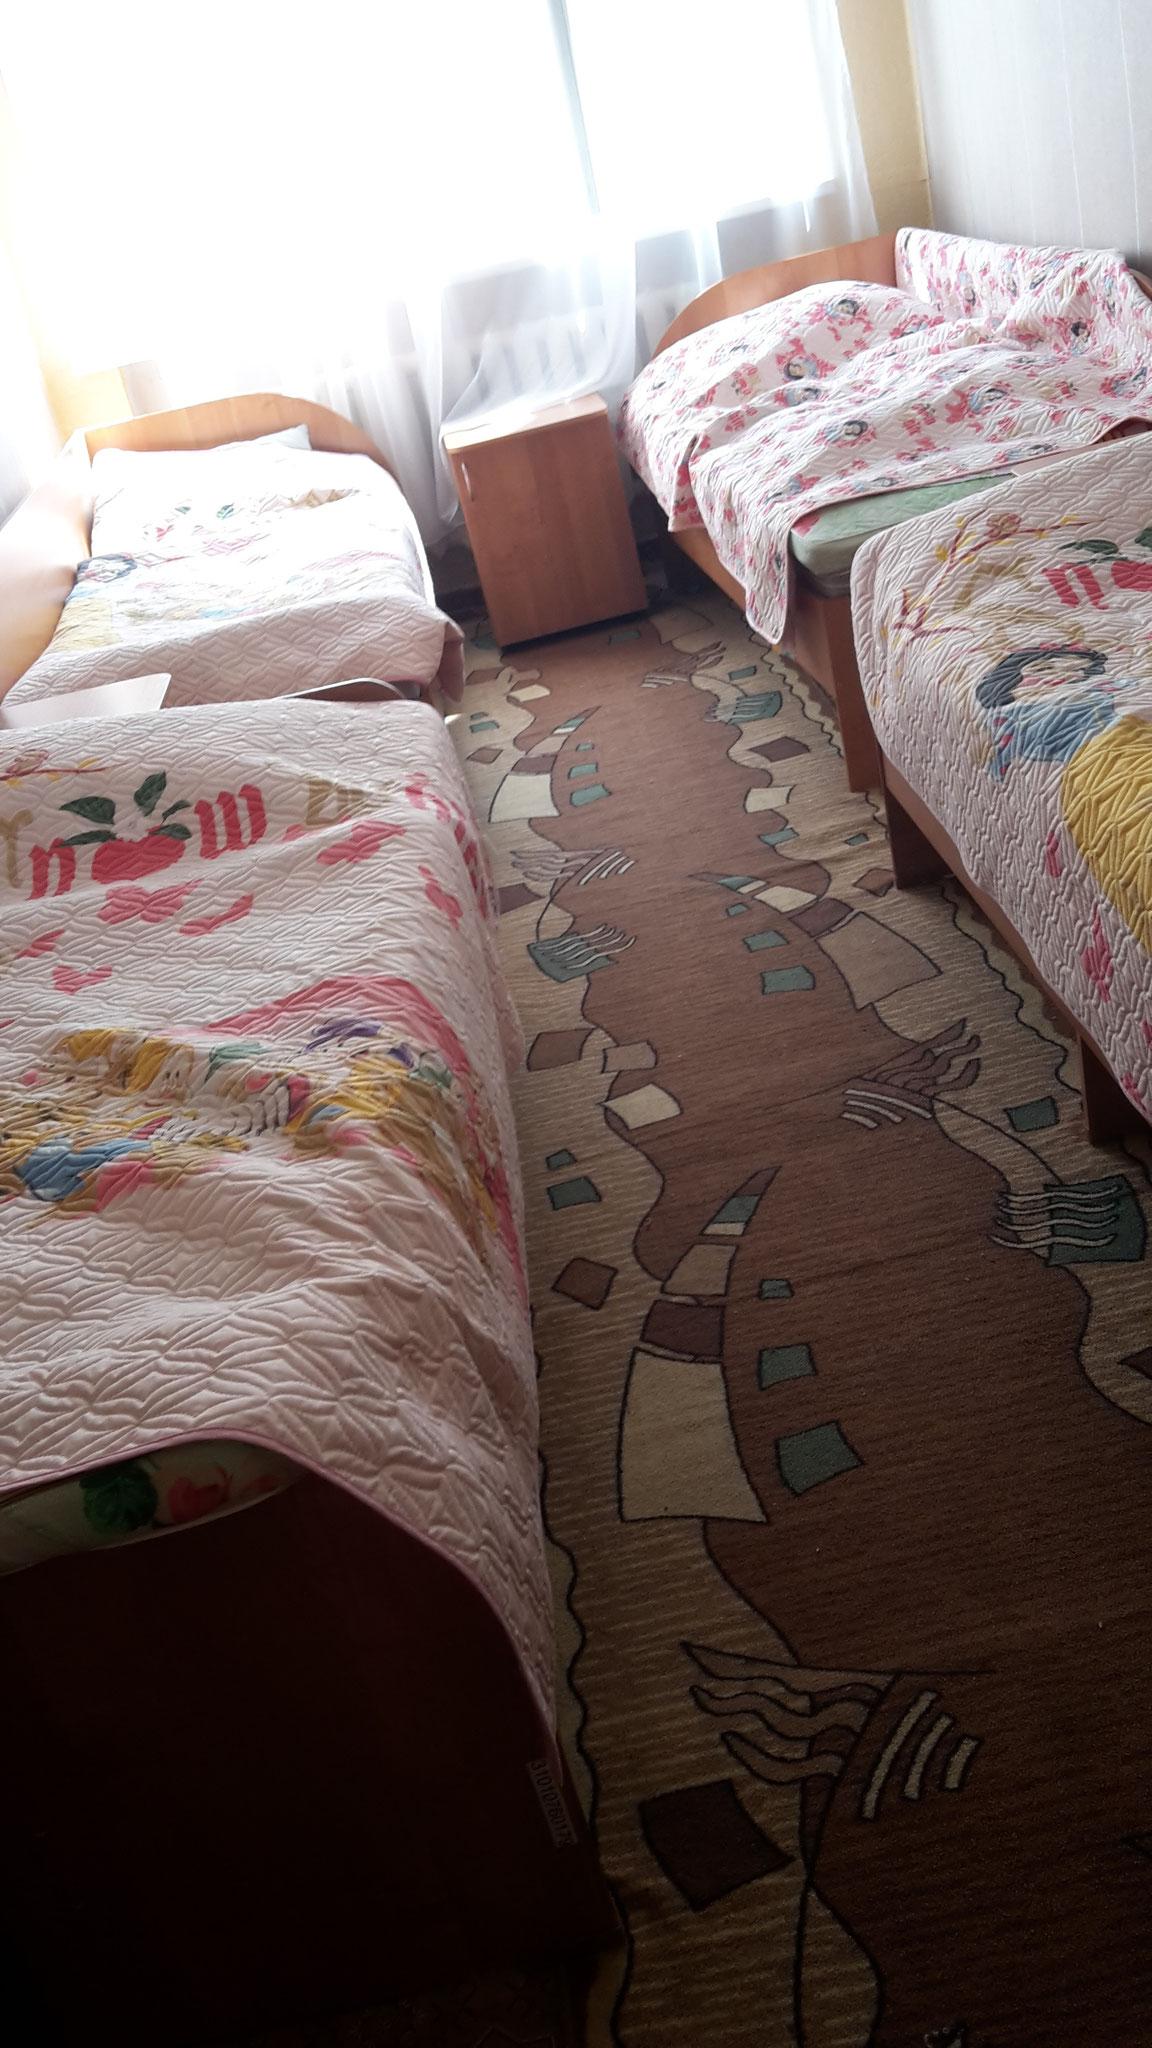 Da haben wir geschlafen